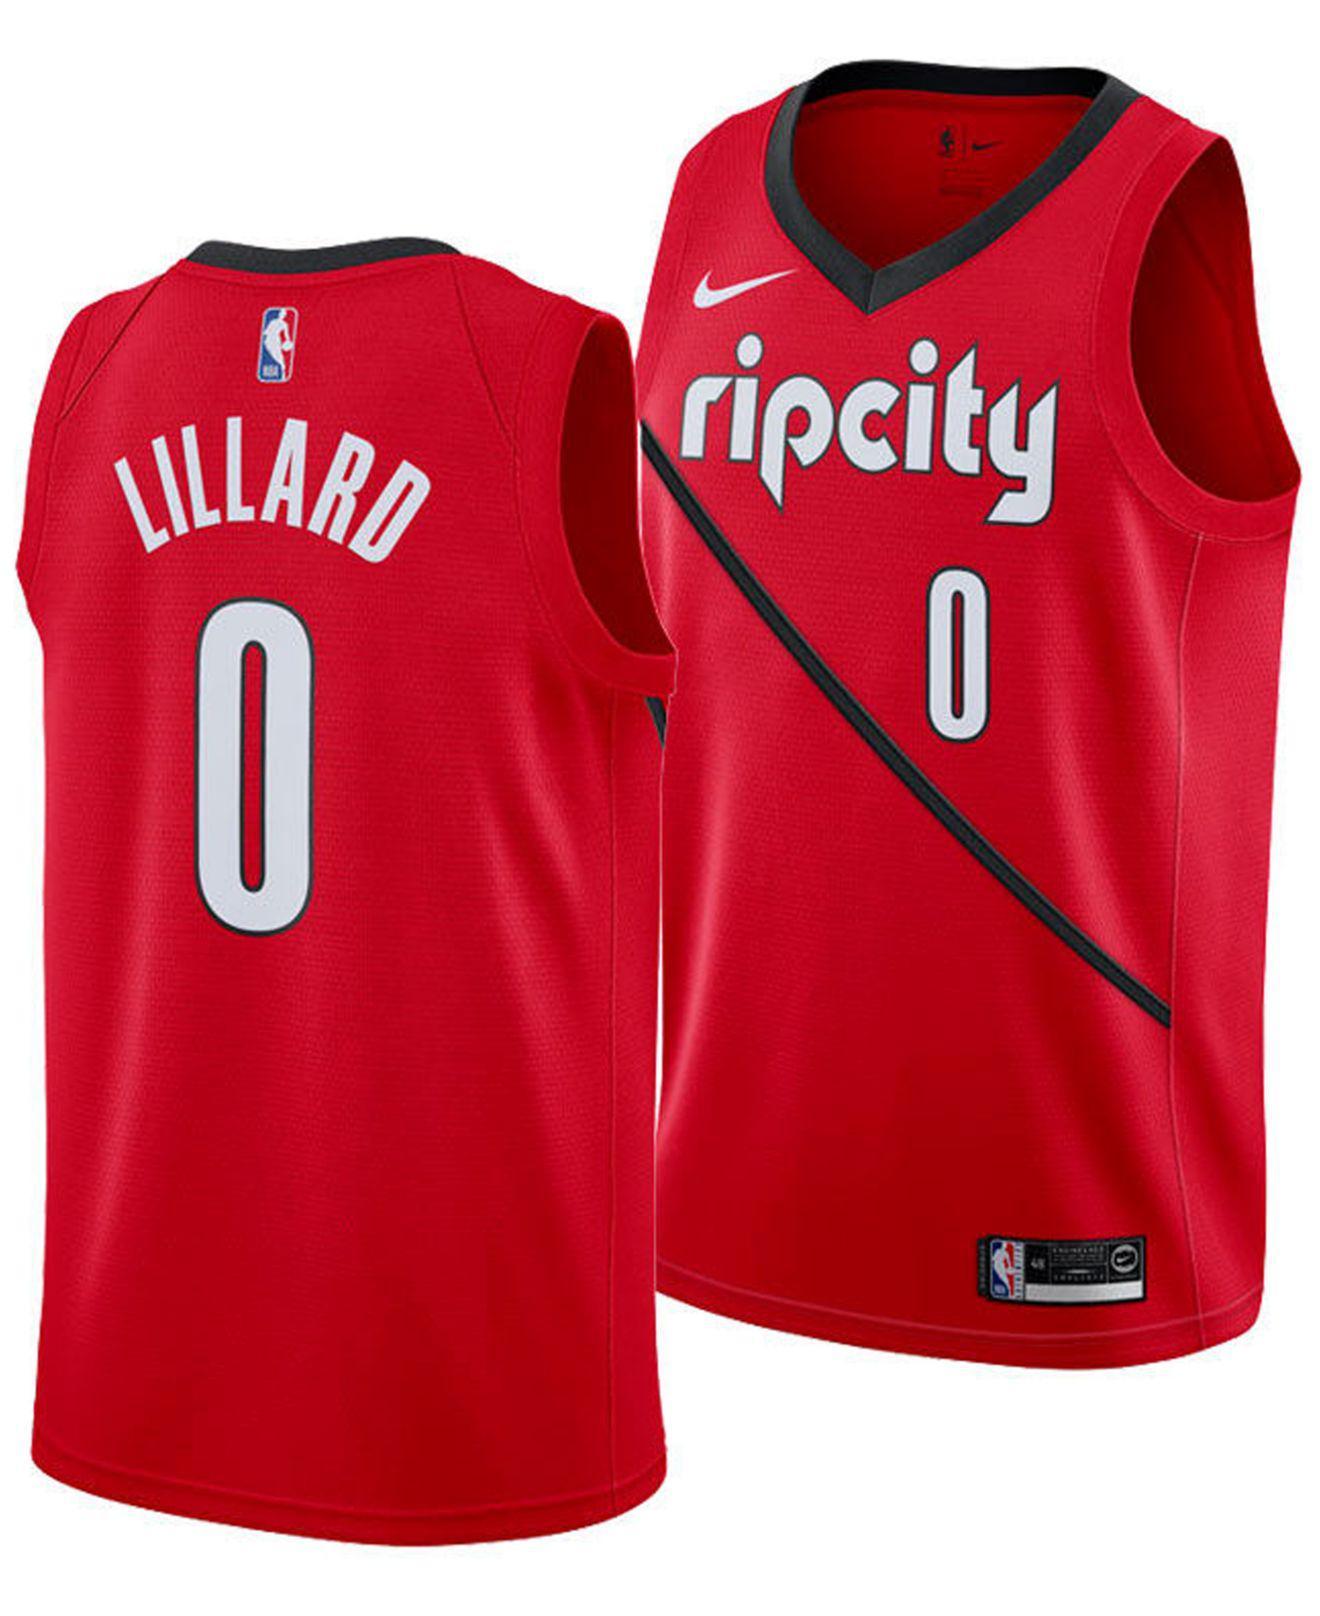 16eef8015 Nike. Men s Red Damian Lillard Portland Trail Blazers Earned Edition  Swingman Jersey